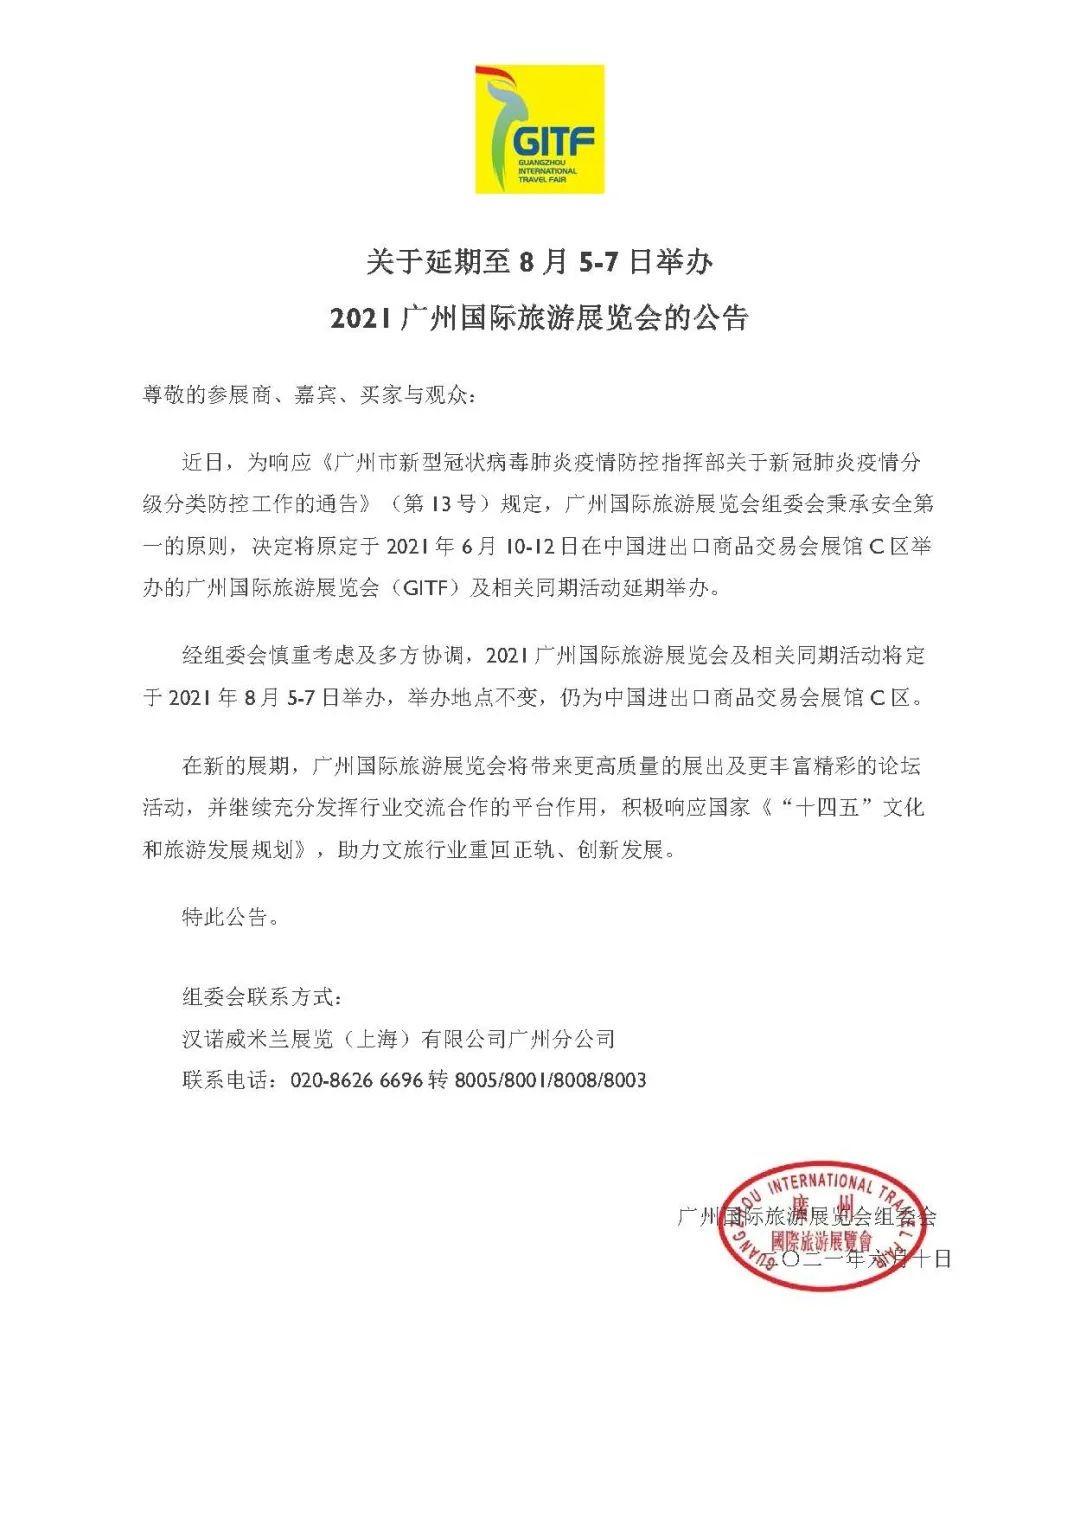 延期定档丨2021广州国际旅游展8月5-7日举办!